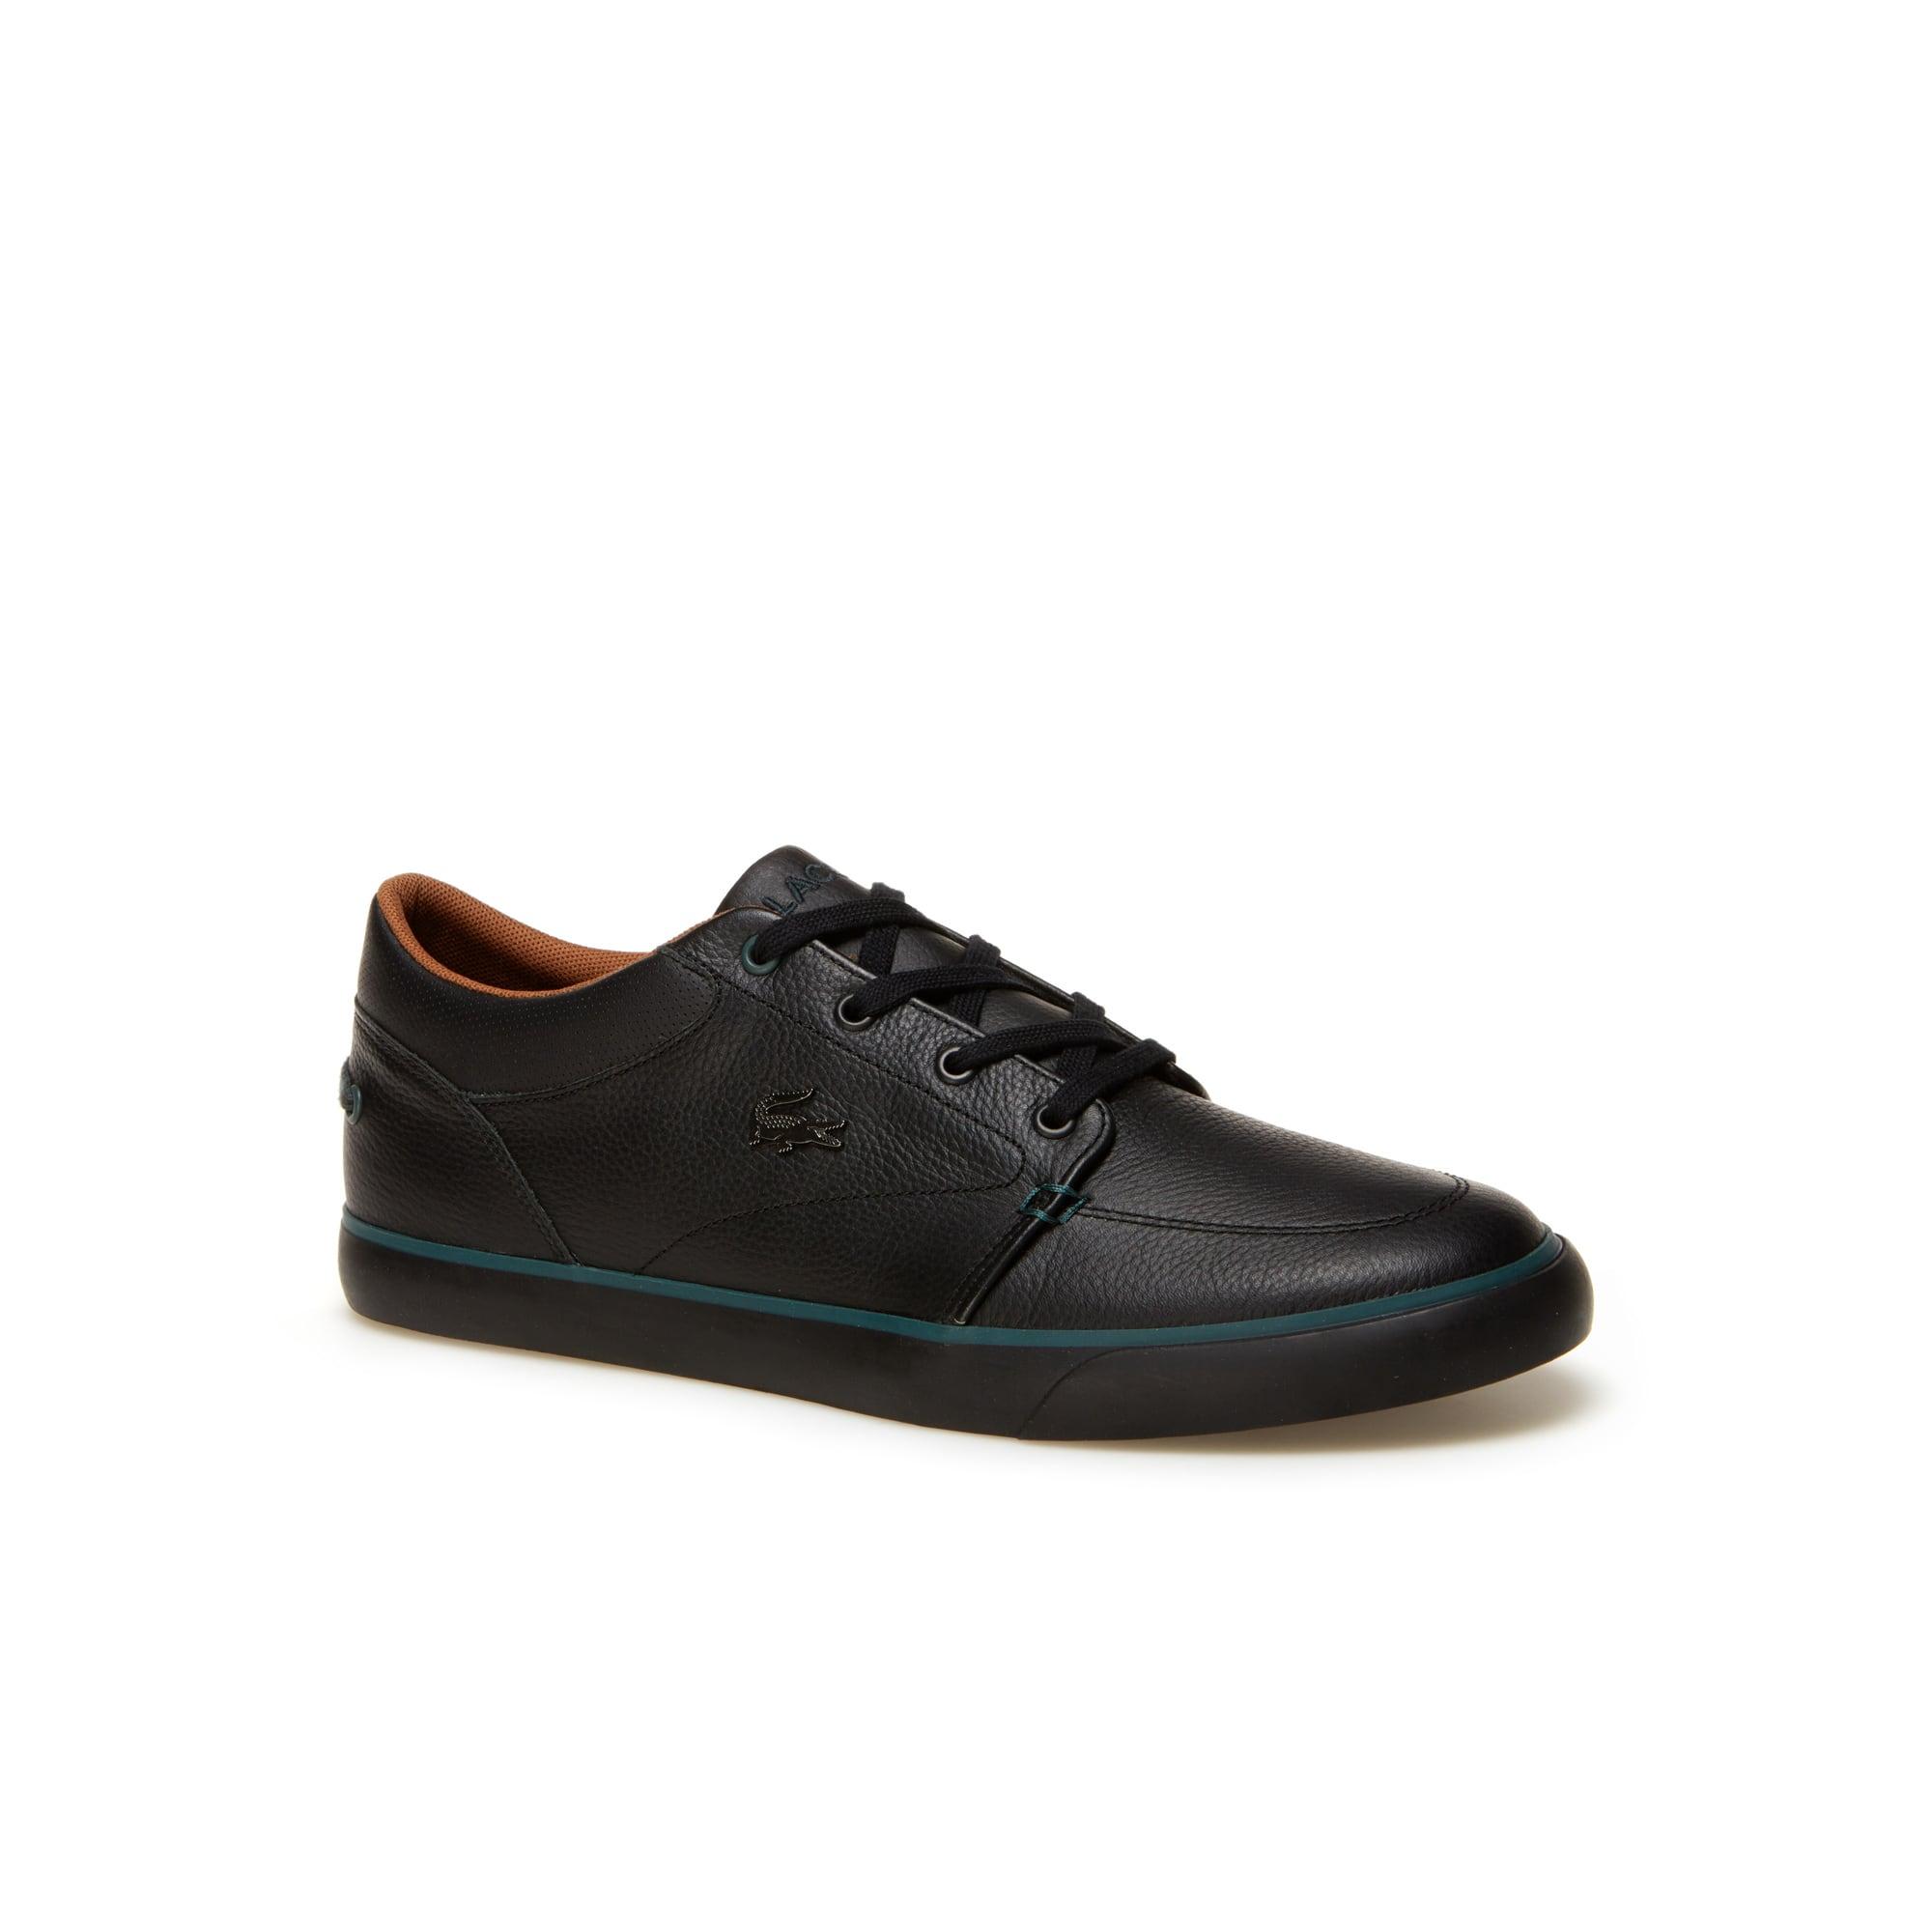 Herren-Sneakers BAYLISS VULC aus Leder